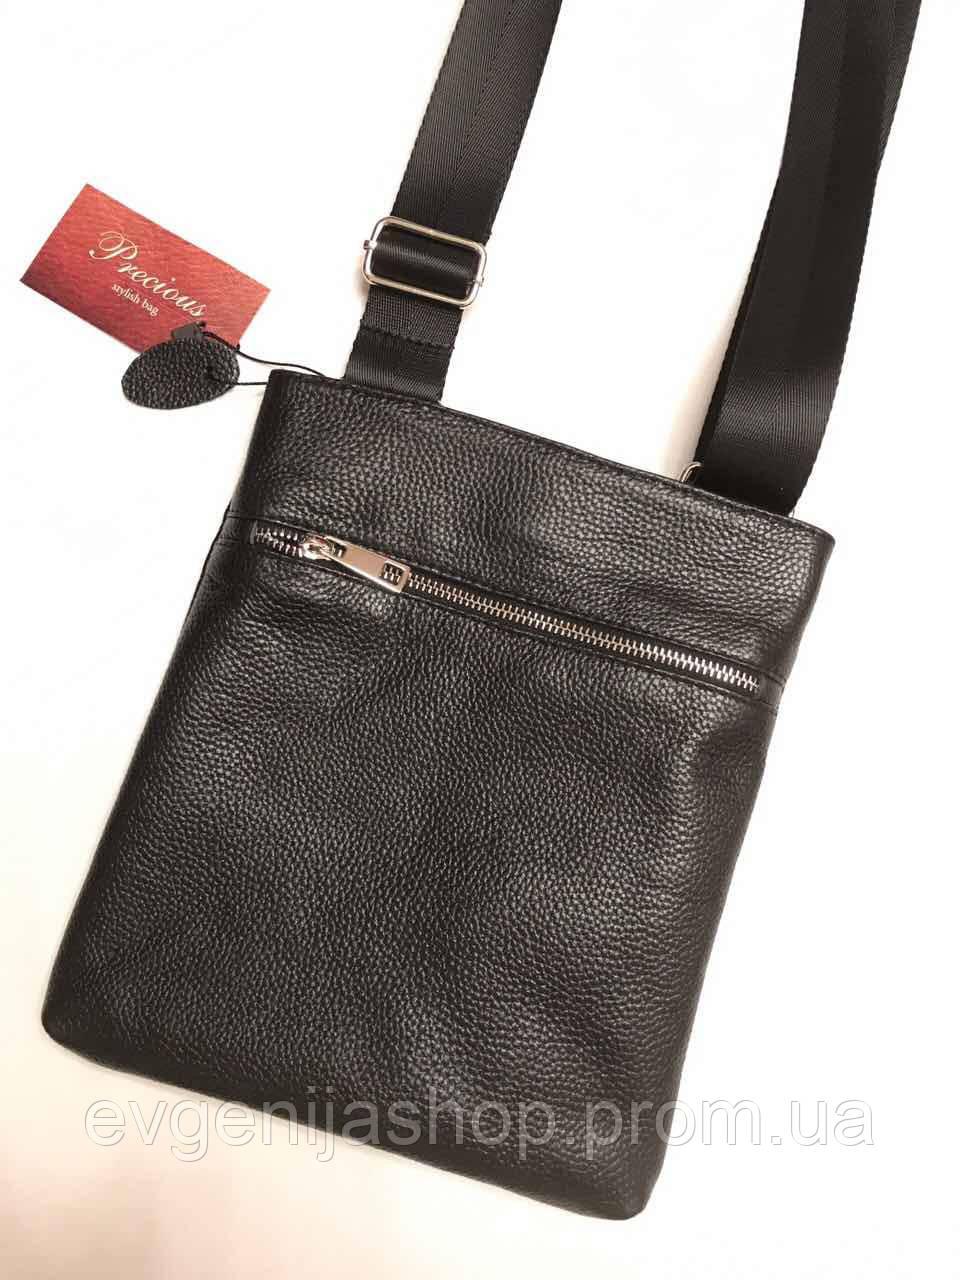 40cb3ba29559 Мужская сумка планшетка. Кожа - Интернет-магазин Evgenija_shop в Кривом Роге